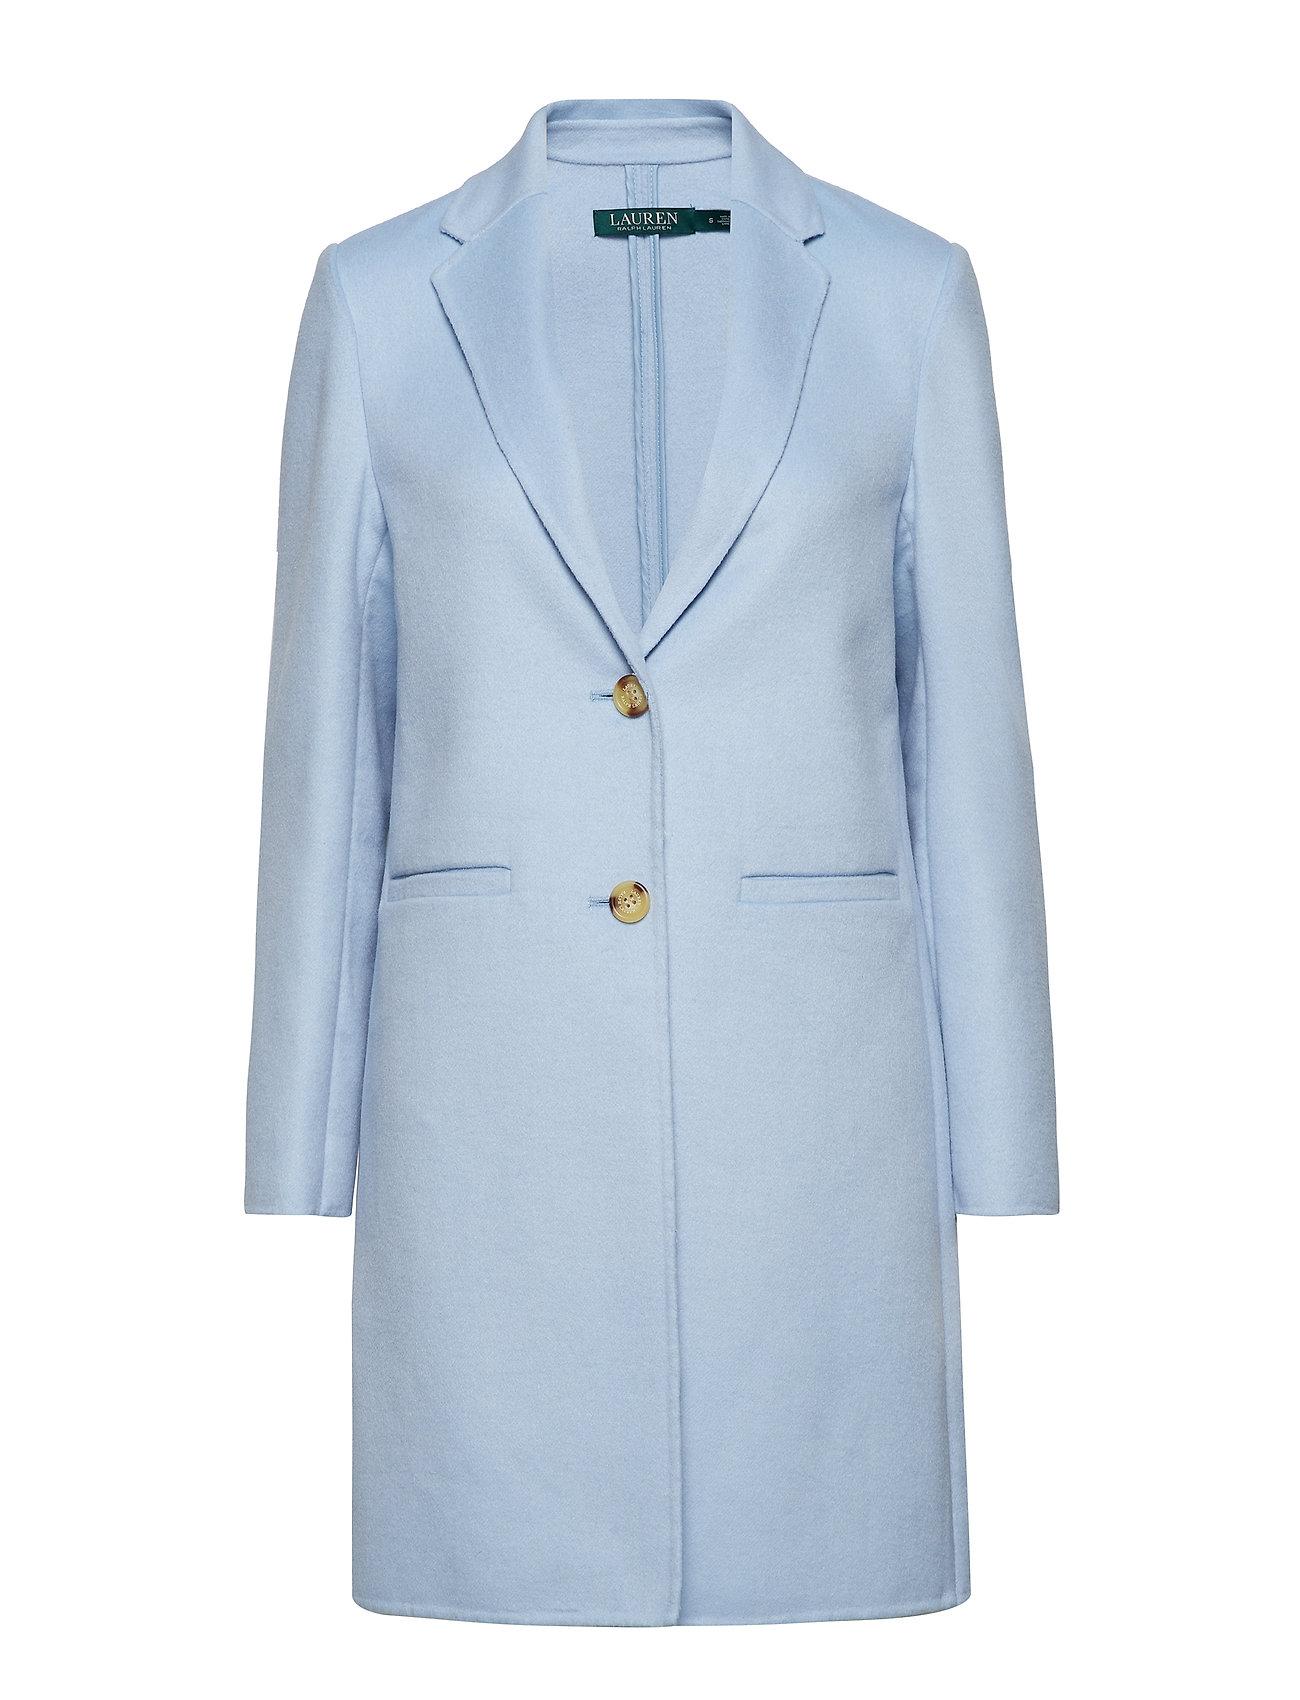 3e7d2a519916 Wool-blend Two-button Coat (Light Blue) (£236.25) - Lauren Ralph ...